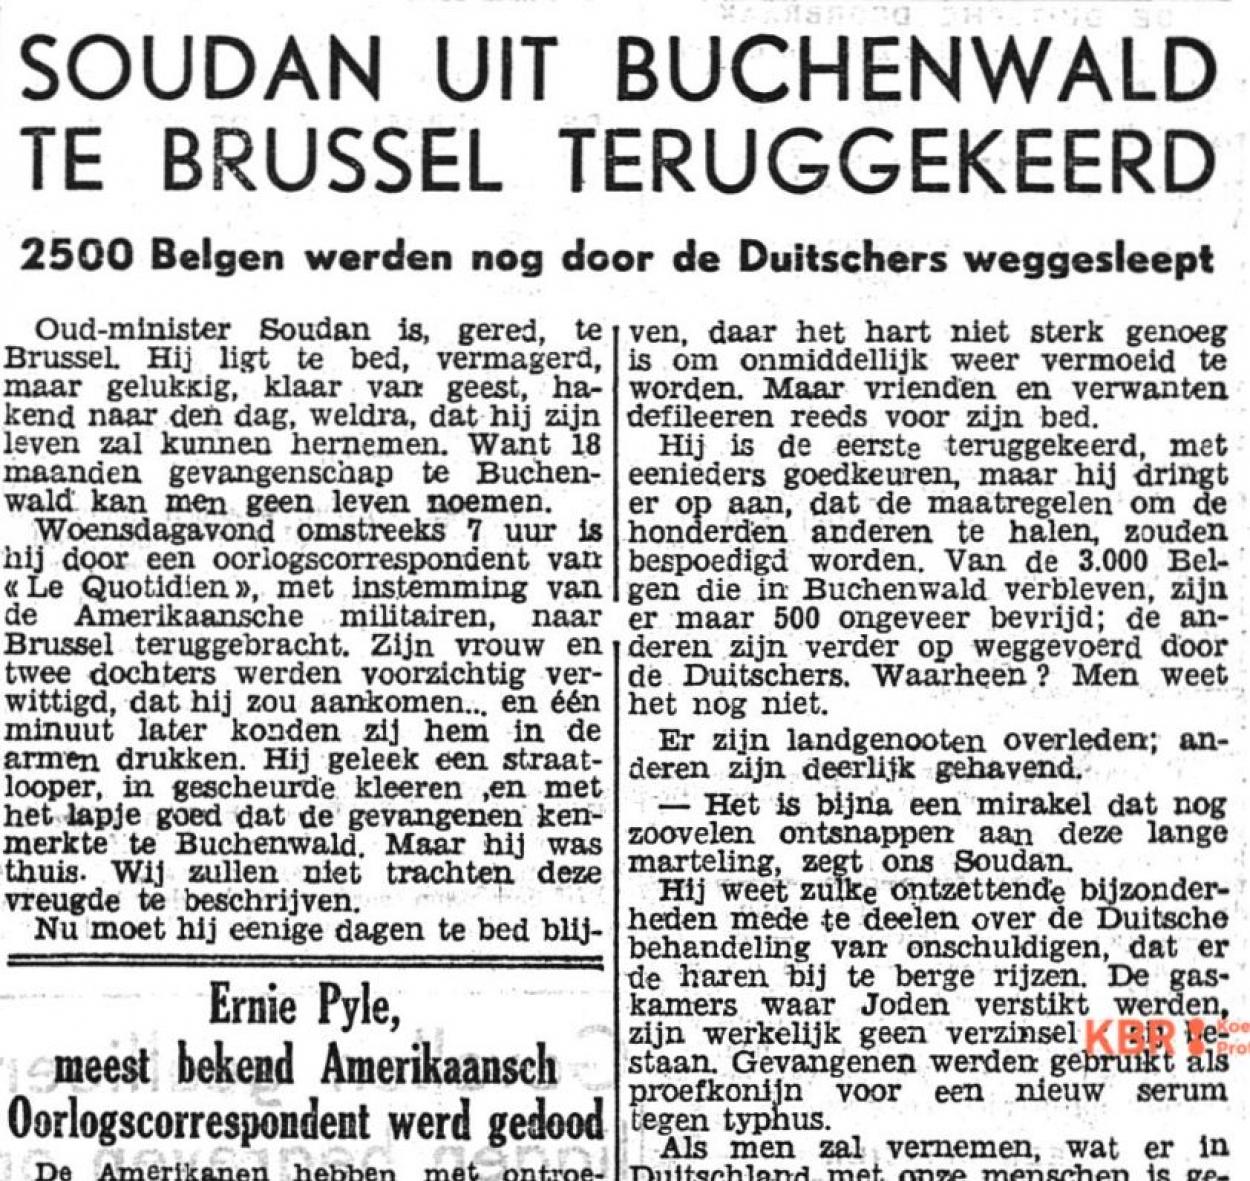 volksgazet-21-4-1945-1.jpg